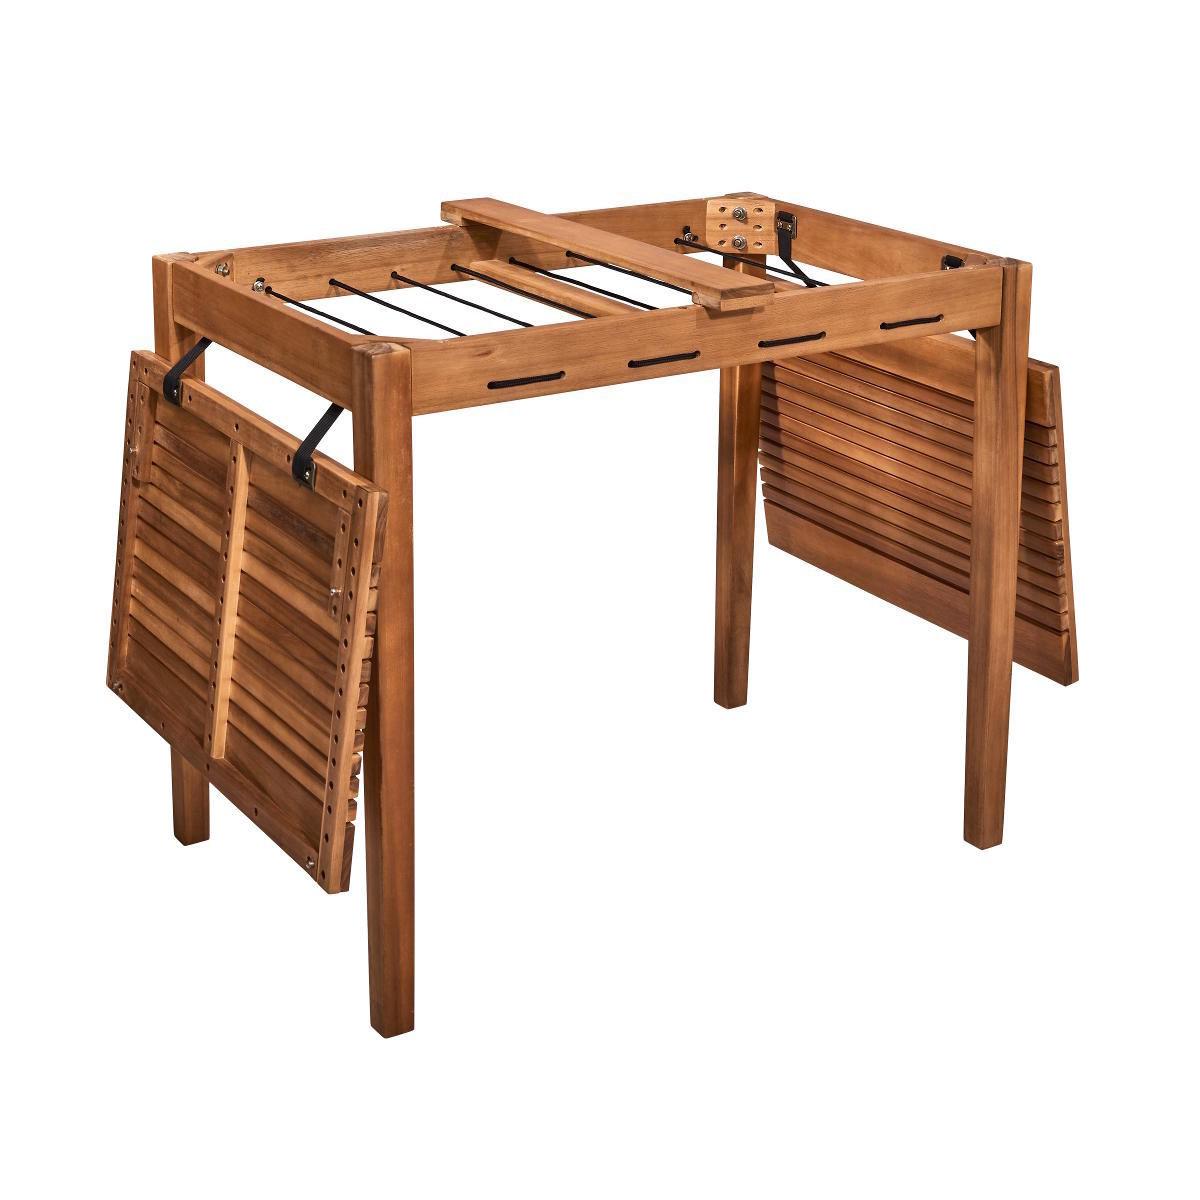 Bild 3 von Tisch mit Wäscheleine